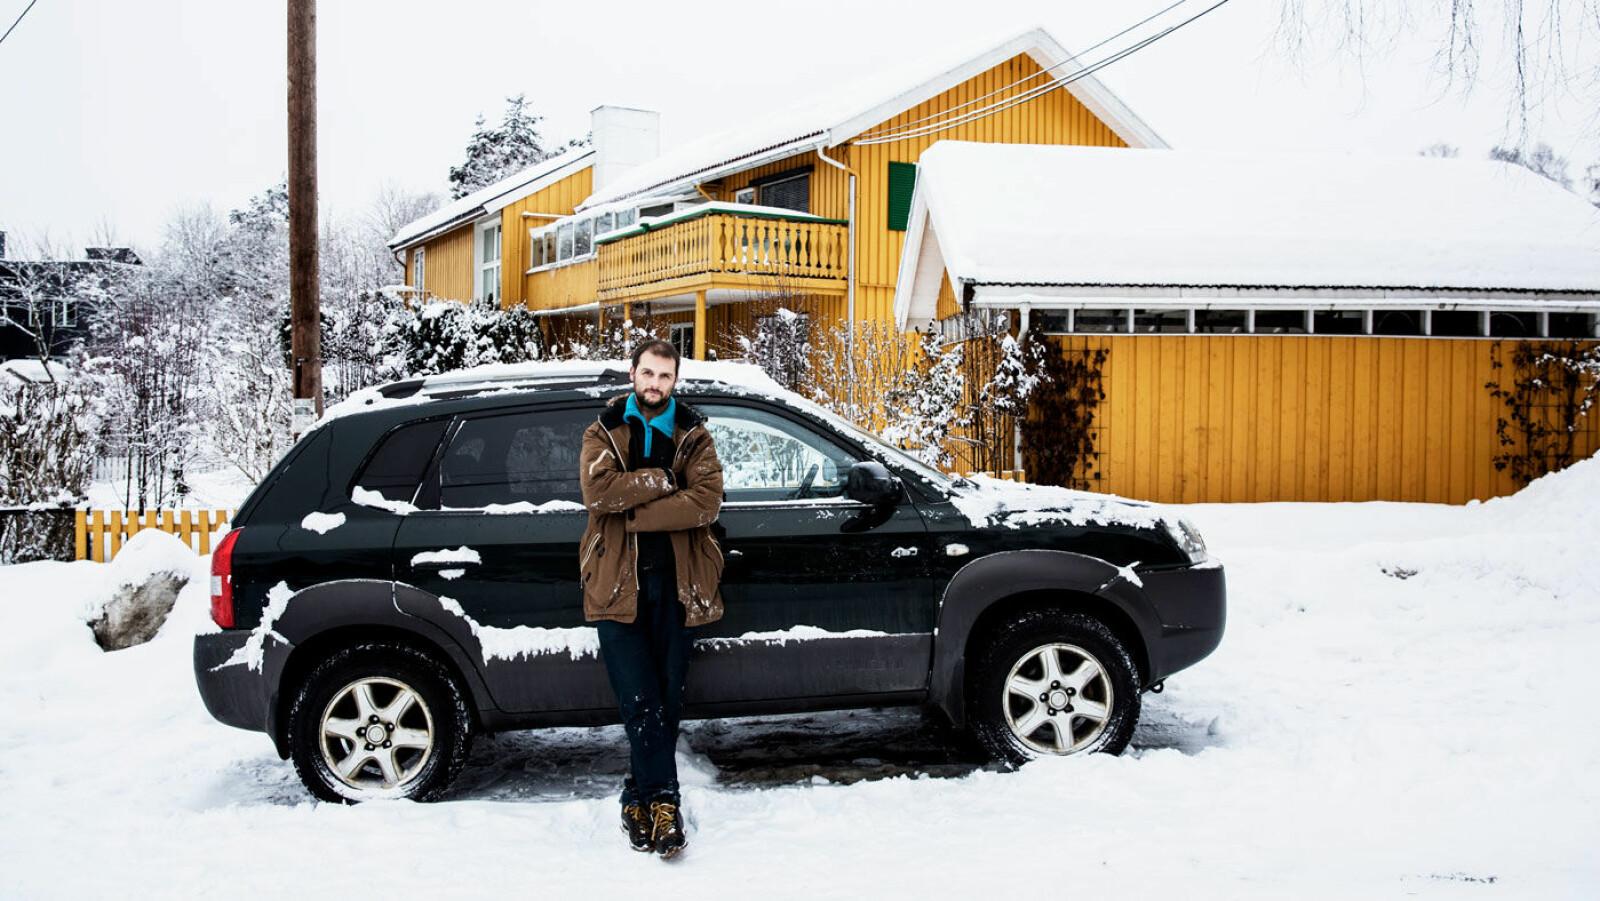 BRUKTBIL TIL BEKYMRING: André Johansen foran bruktbilen hans mor kjøpte av Sven Jarle Knoll i Fredrikstad. Foto: Fredrik Bjerknes